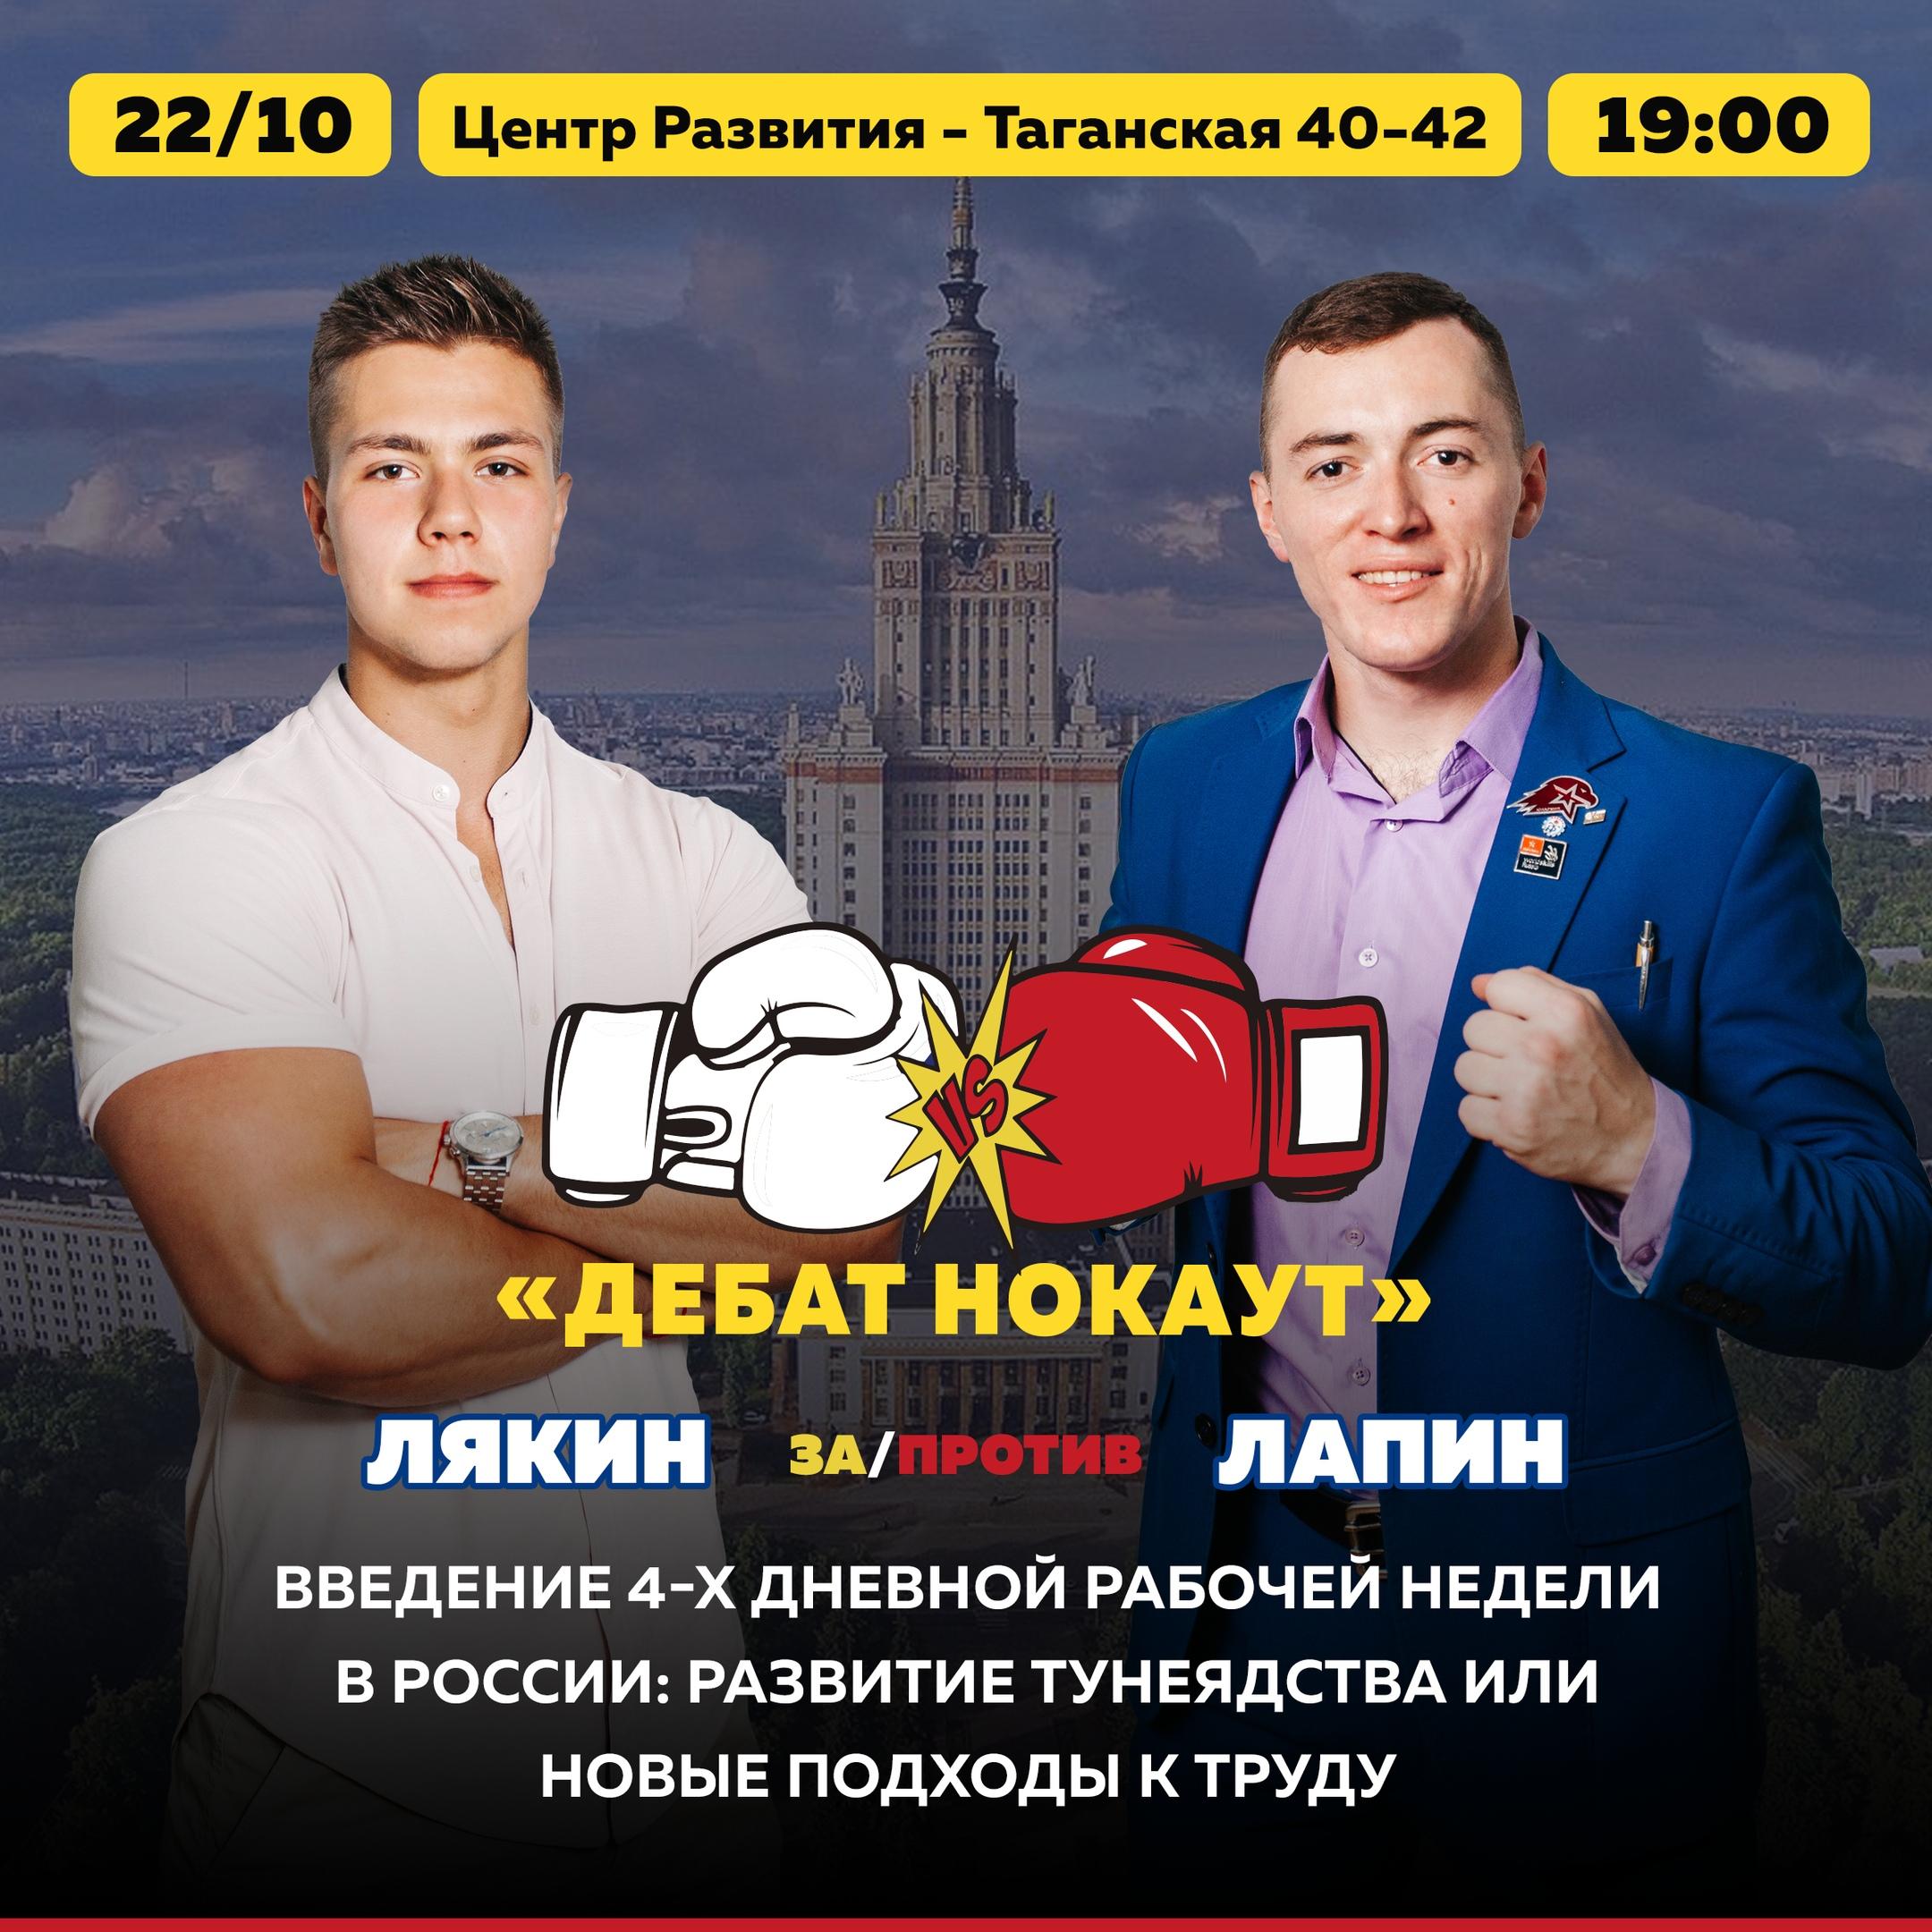 Дебат клубы москвы ночные клубы в пушкино спб